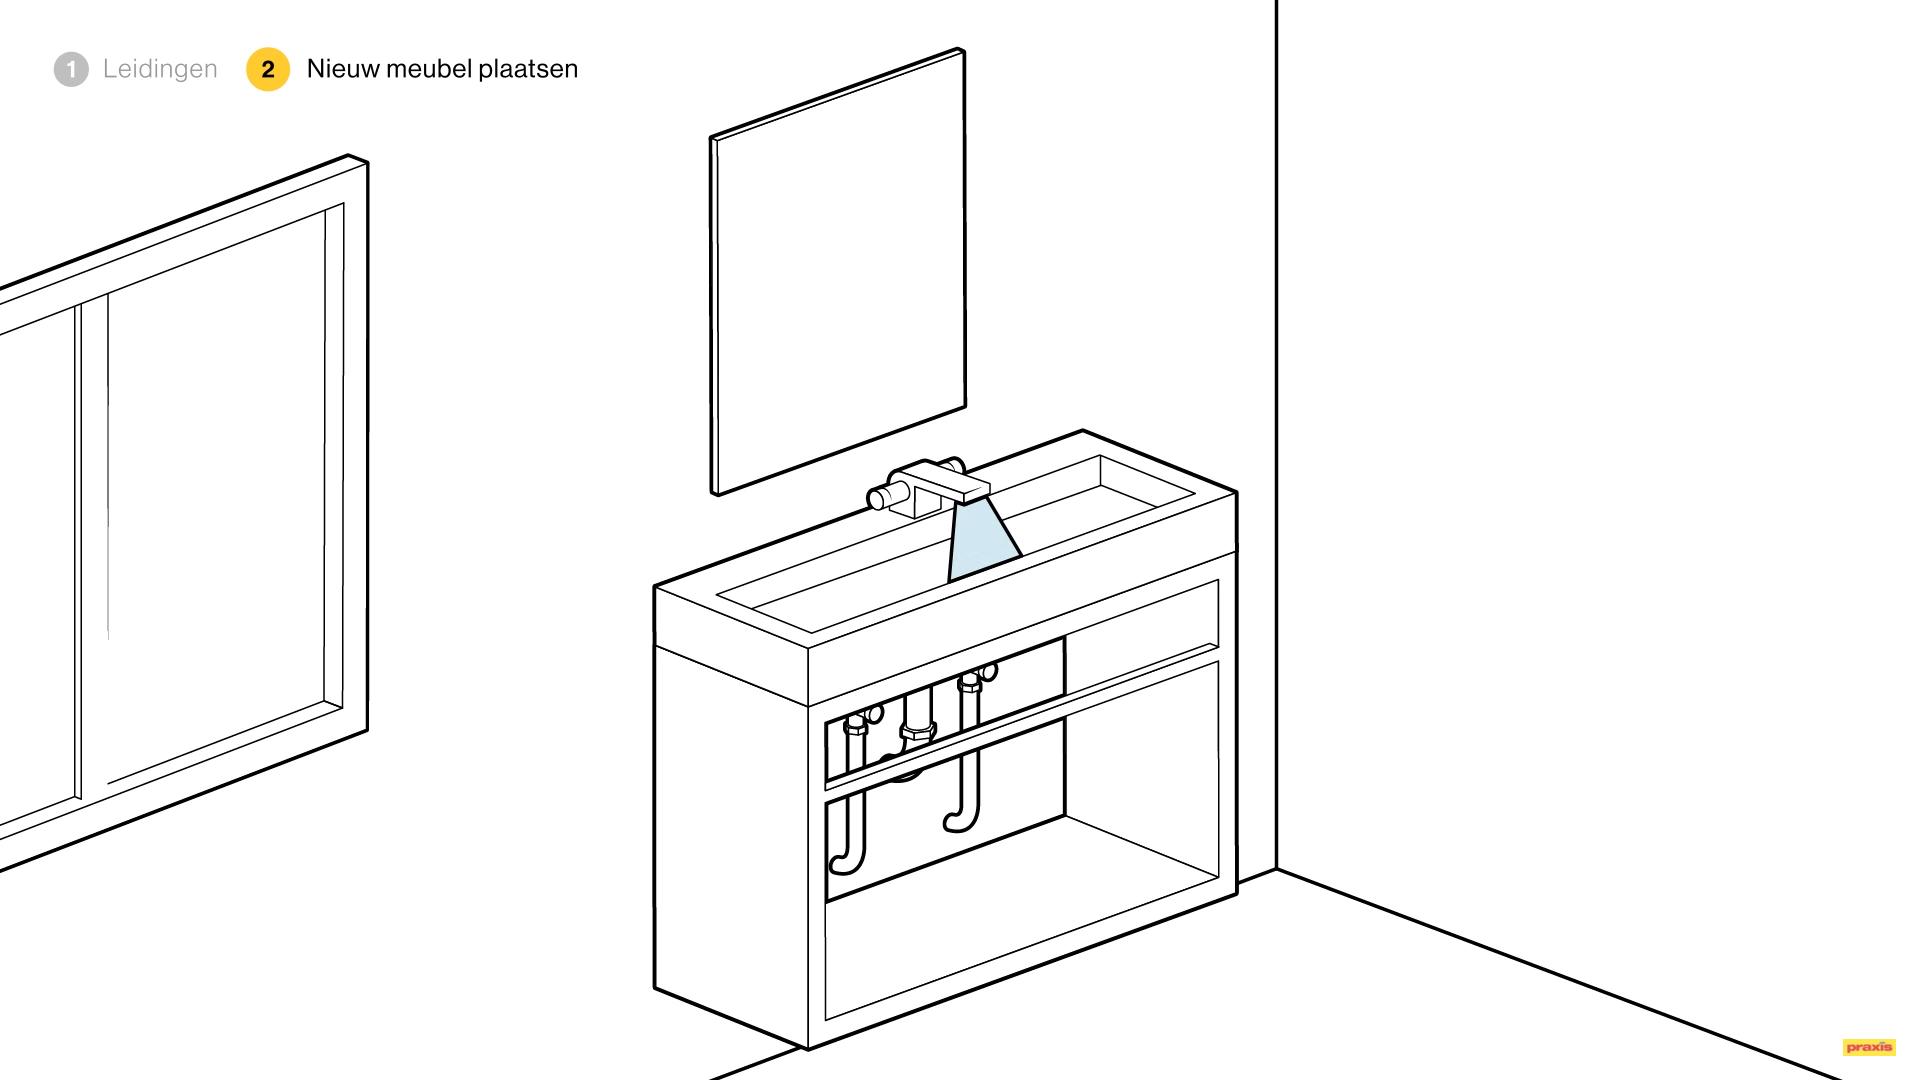 badkamermeubel plaatsen in plaats van wastafel voordemakers